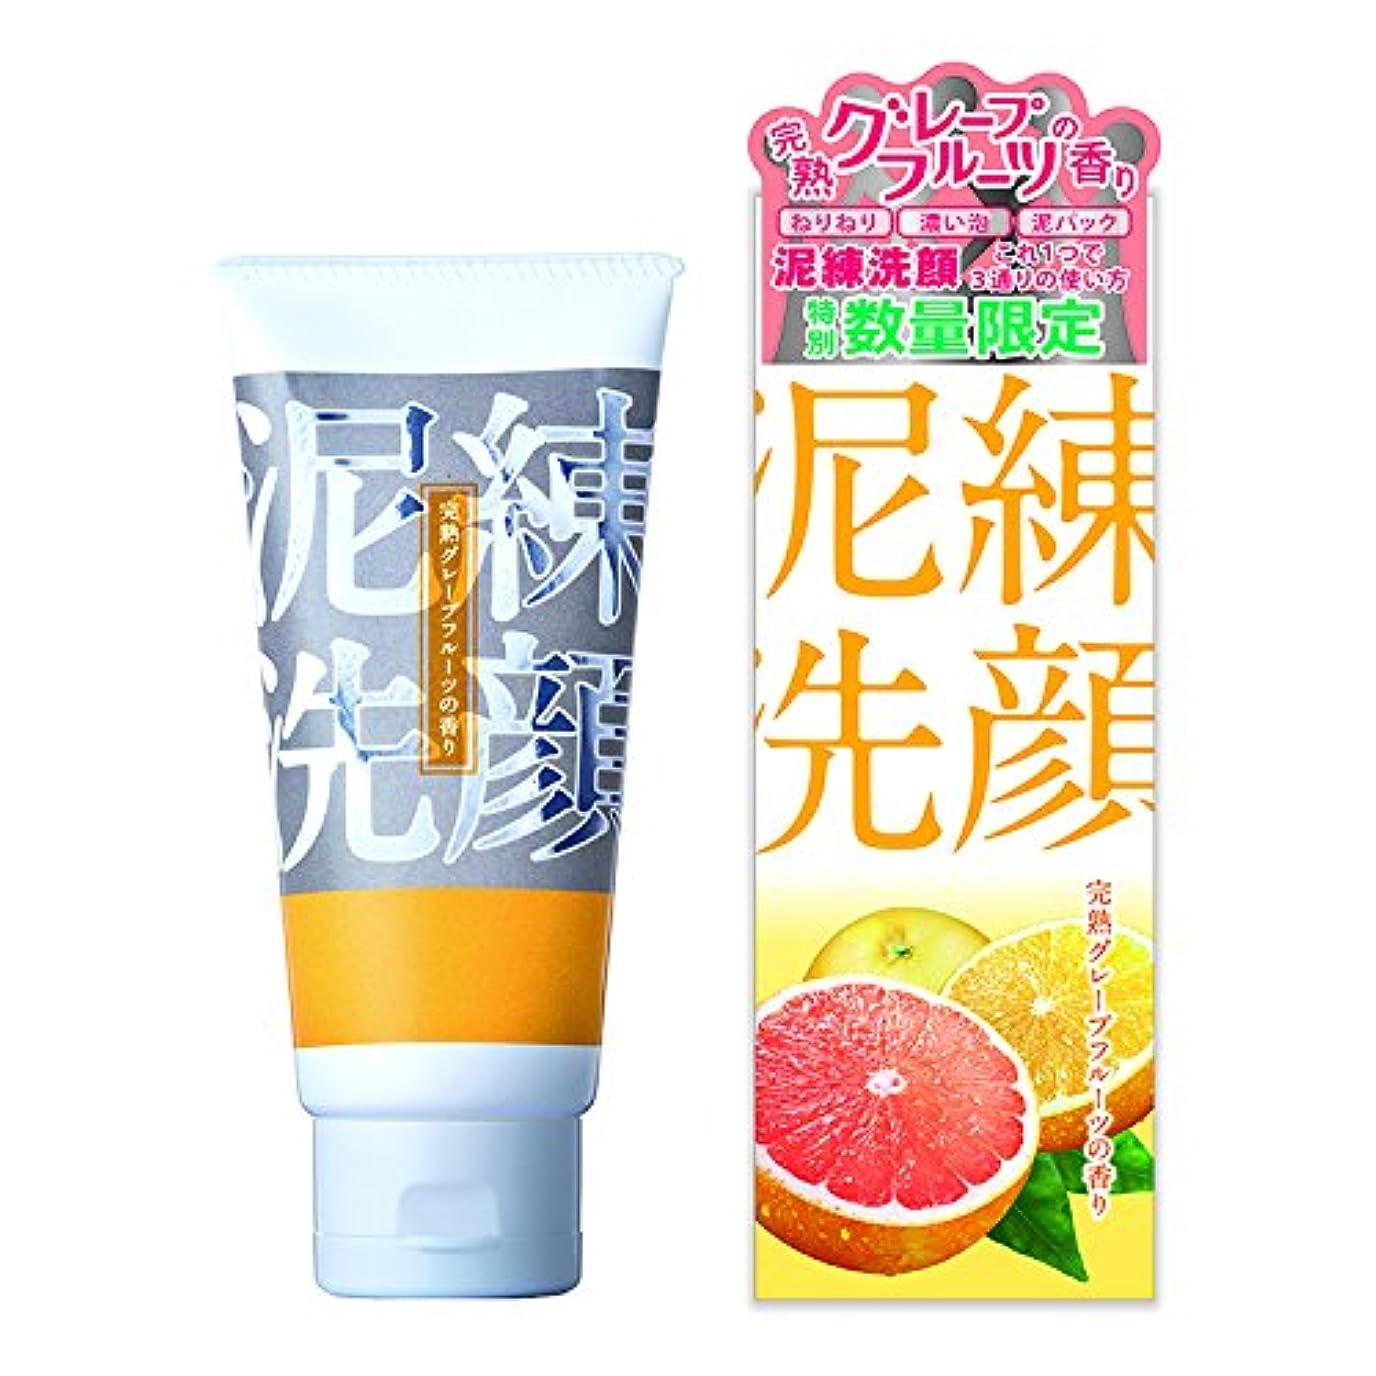 スマイル有効なラジカル泥練洗顔 完熟グレープフルーツの香り 120g【泥 洗顔 6種の泥で 黒ずみ 毛穴 洗浄 3つの使い方】